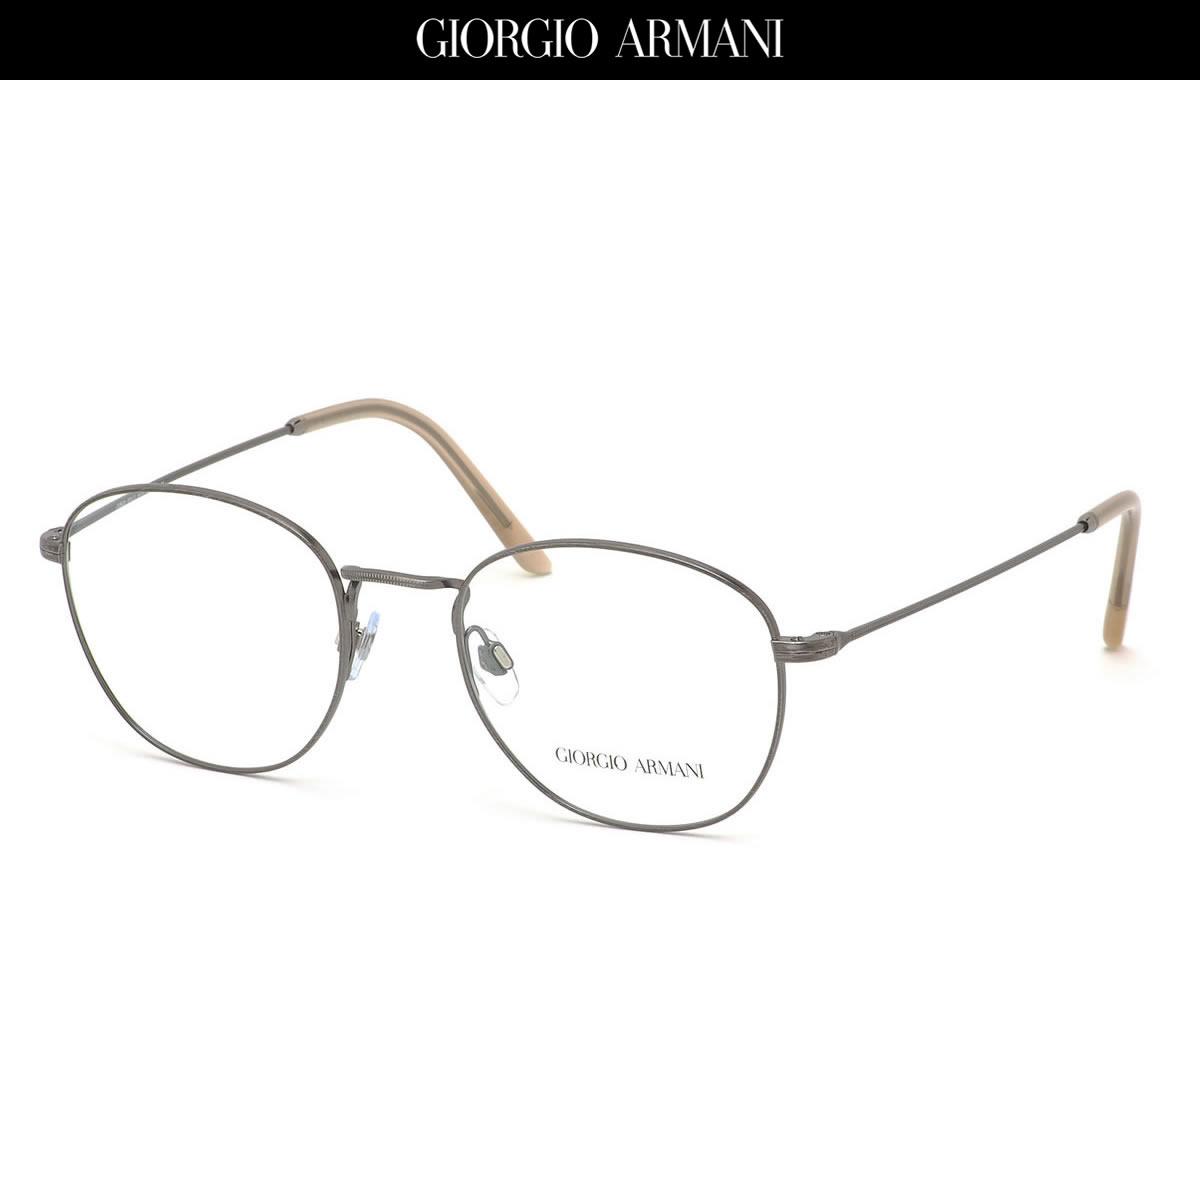 ポイント最大33倍 GIORGIO ARMANI ジョルジオアルマーニ メガネAR5082 3200 50サイズアルマーニ FRAMES OF LIFE クラッシックモード ウェリントンジョルジオアルマーニGIORGIOARMANI メンズ レディース